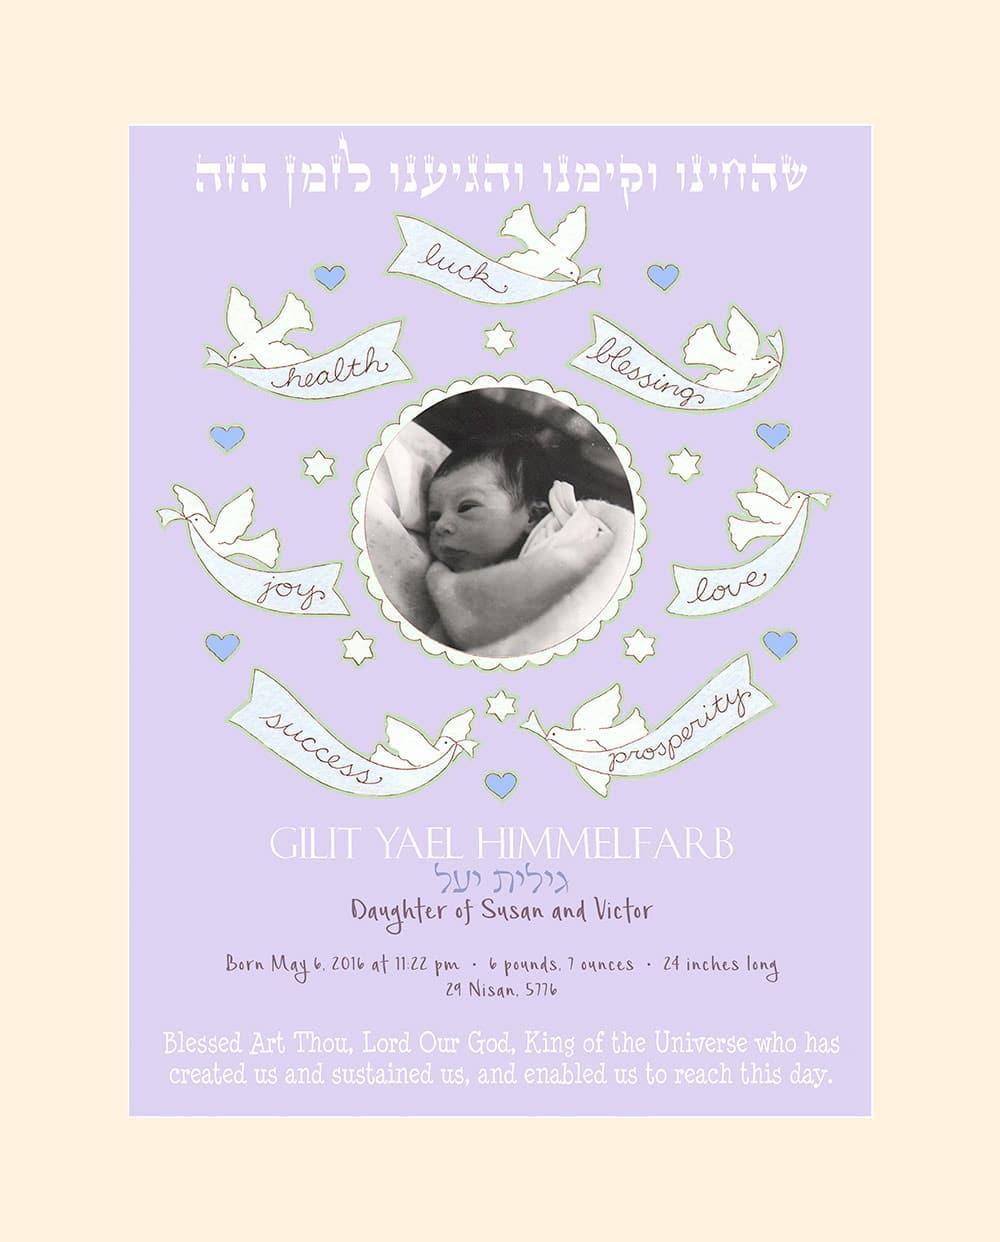 Baby Girl Blessing Lavender Baby Wall Art G-BG-12c by Mickie Caspi